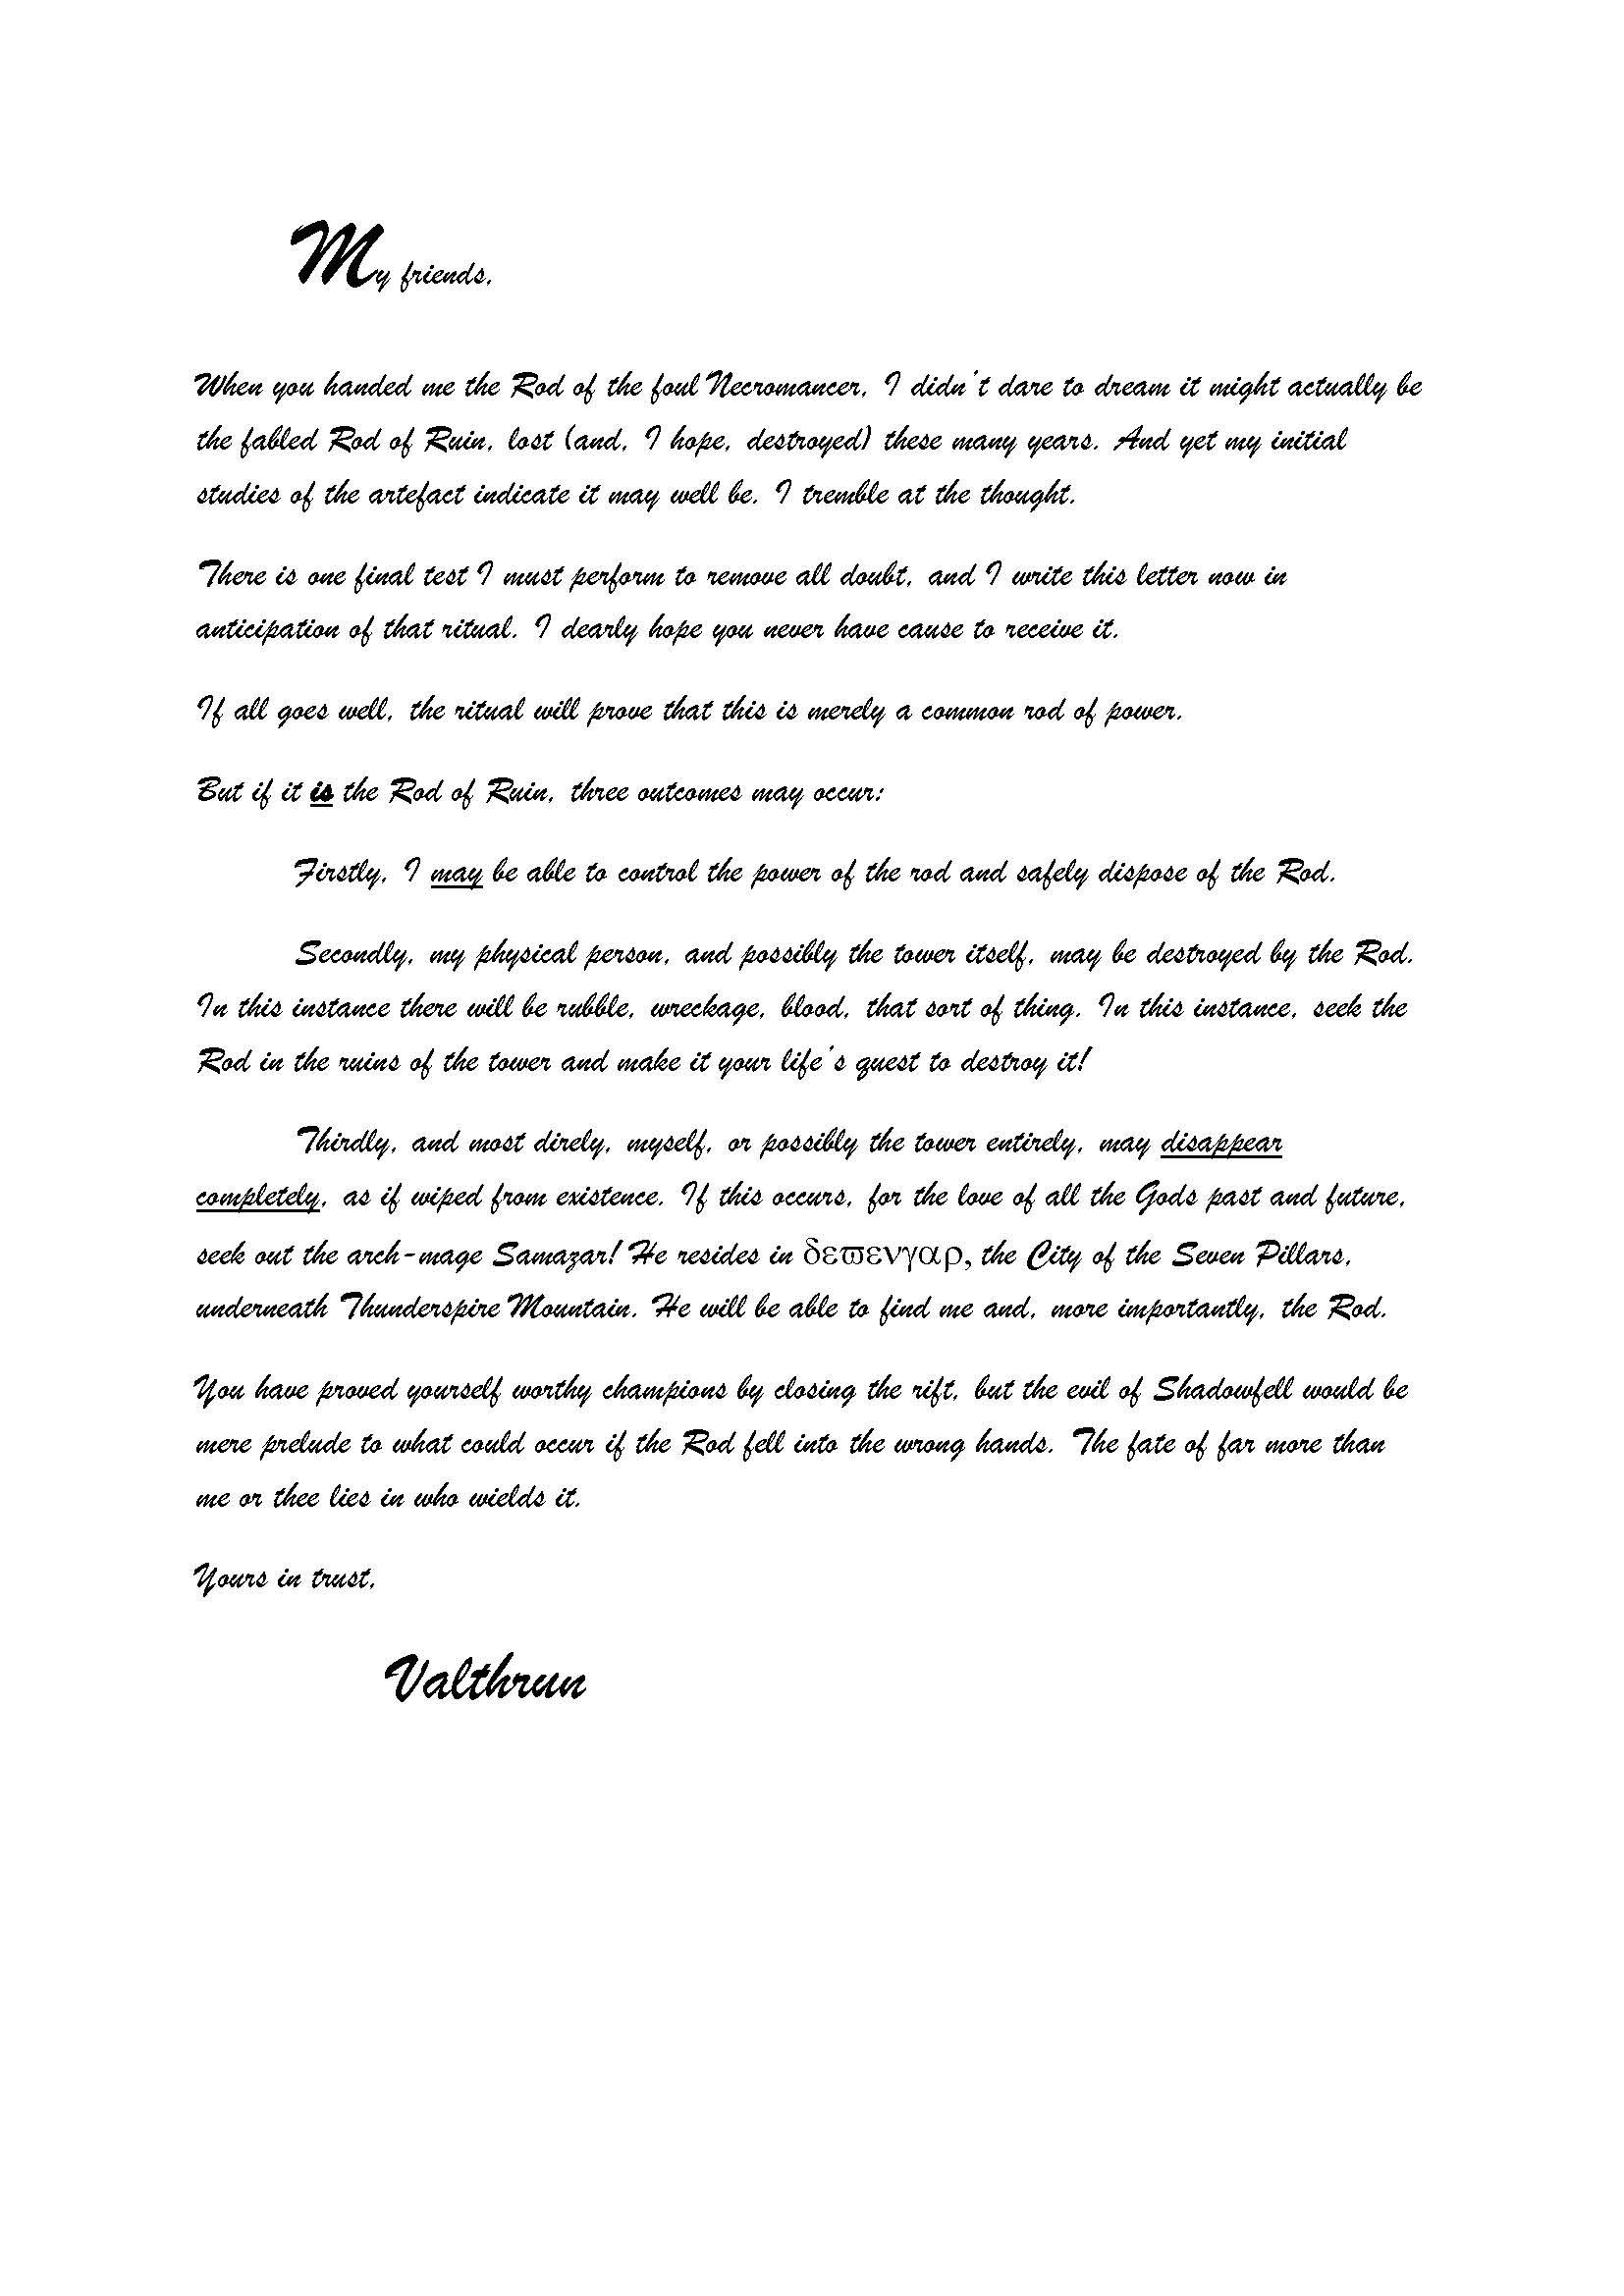 LetterFromValthrun.jpg